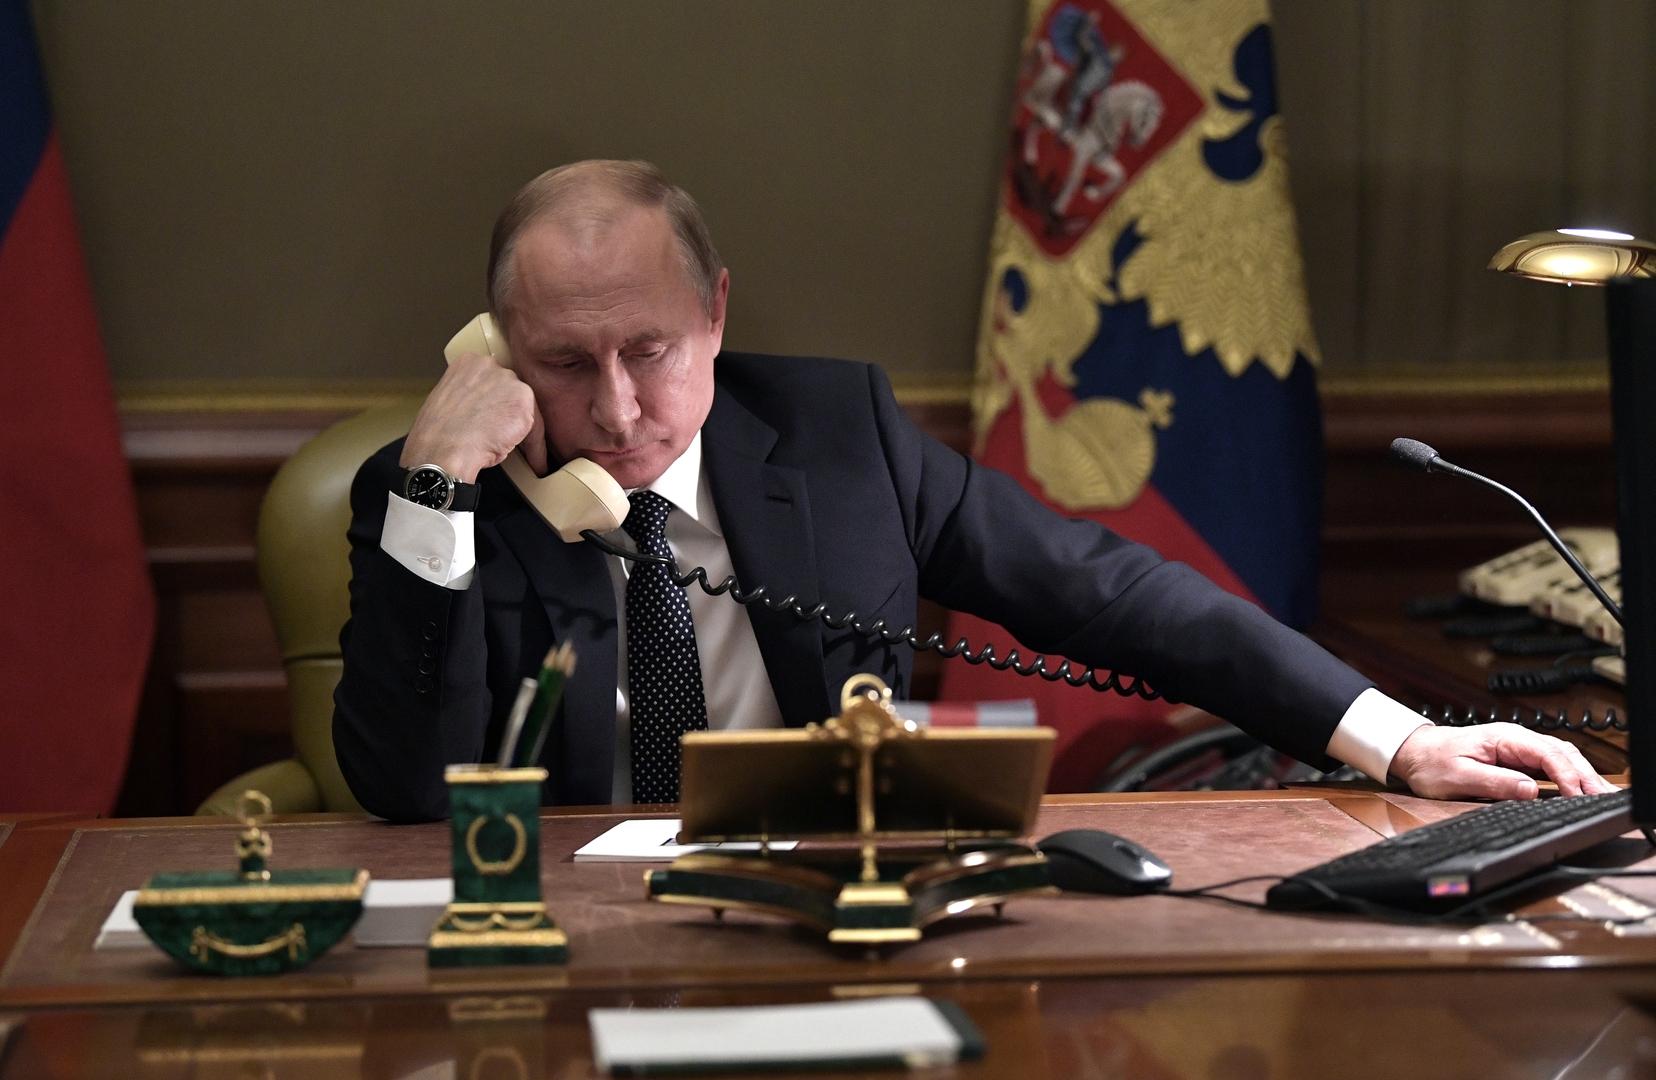 بوتين يبحث مع أمير قطر مكافحة كورونا والتحضيرات لكأس العالم والتسوية السورية